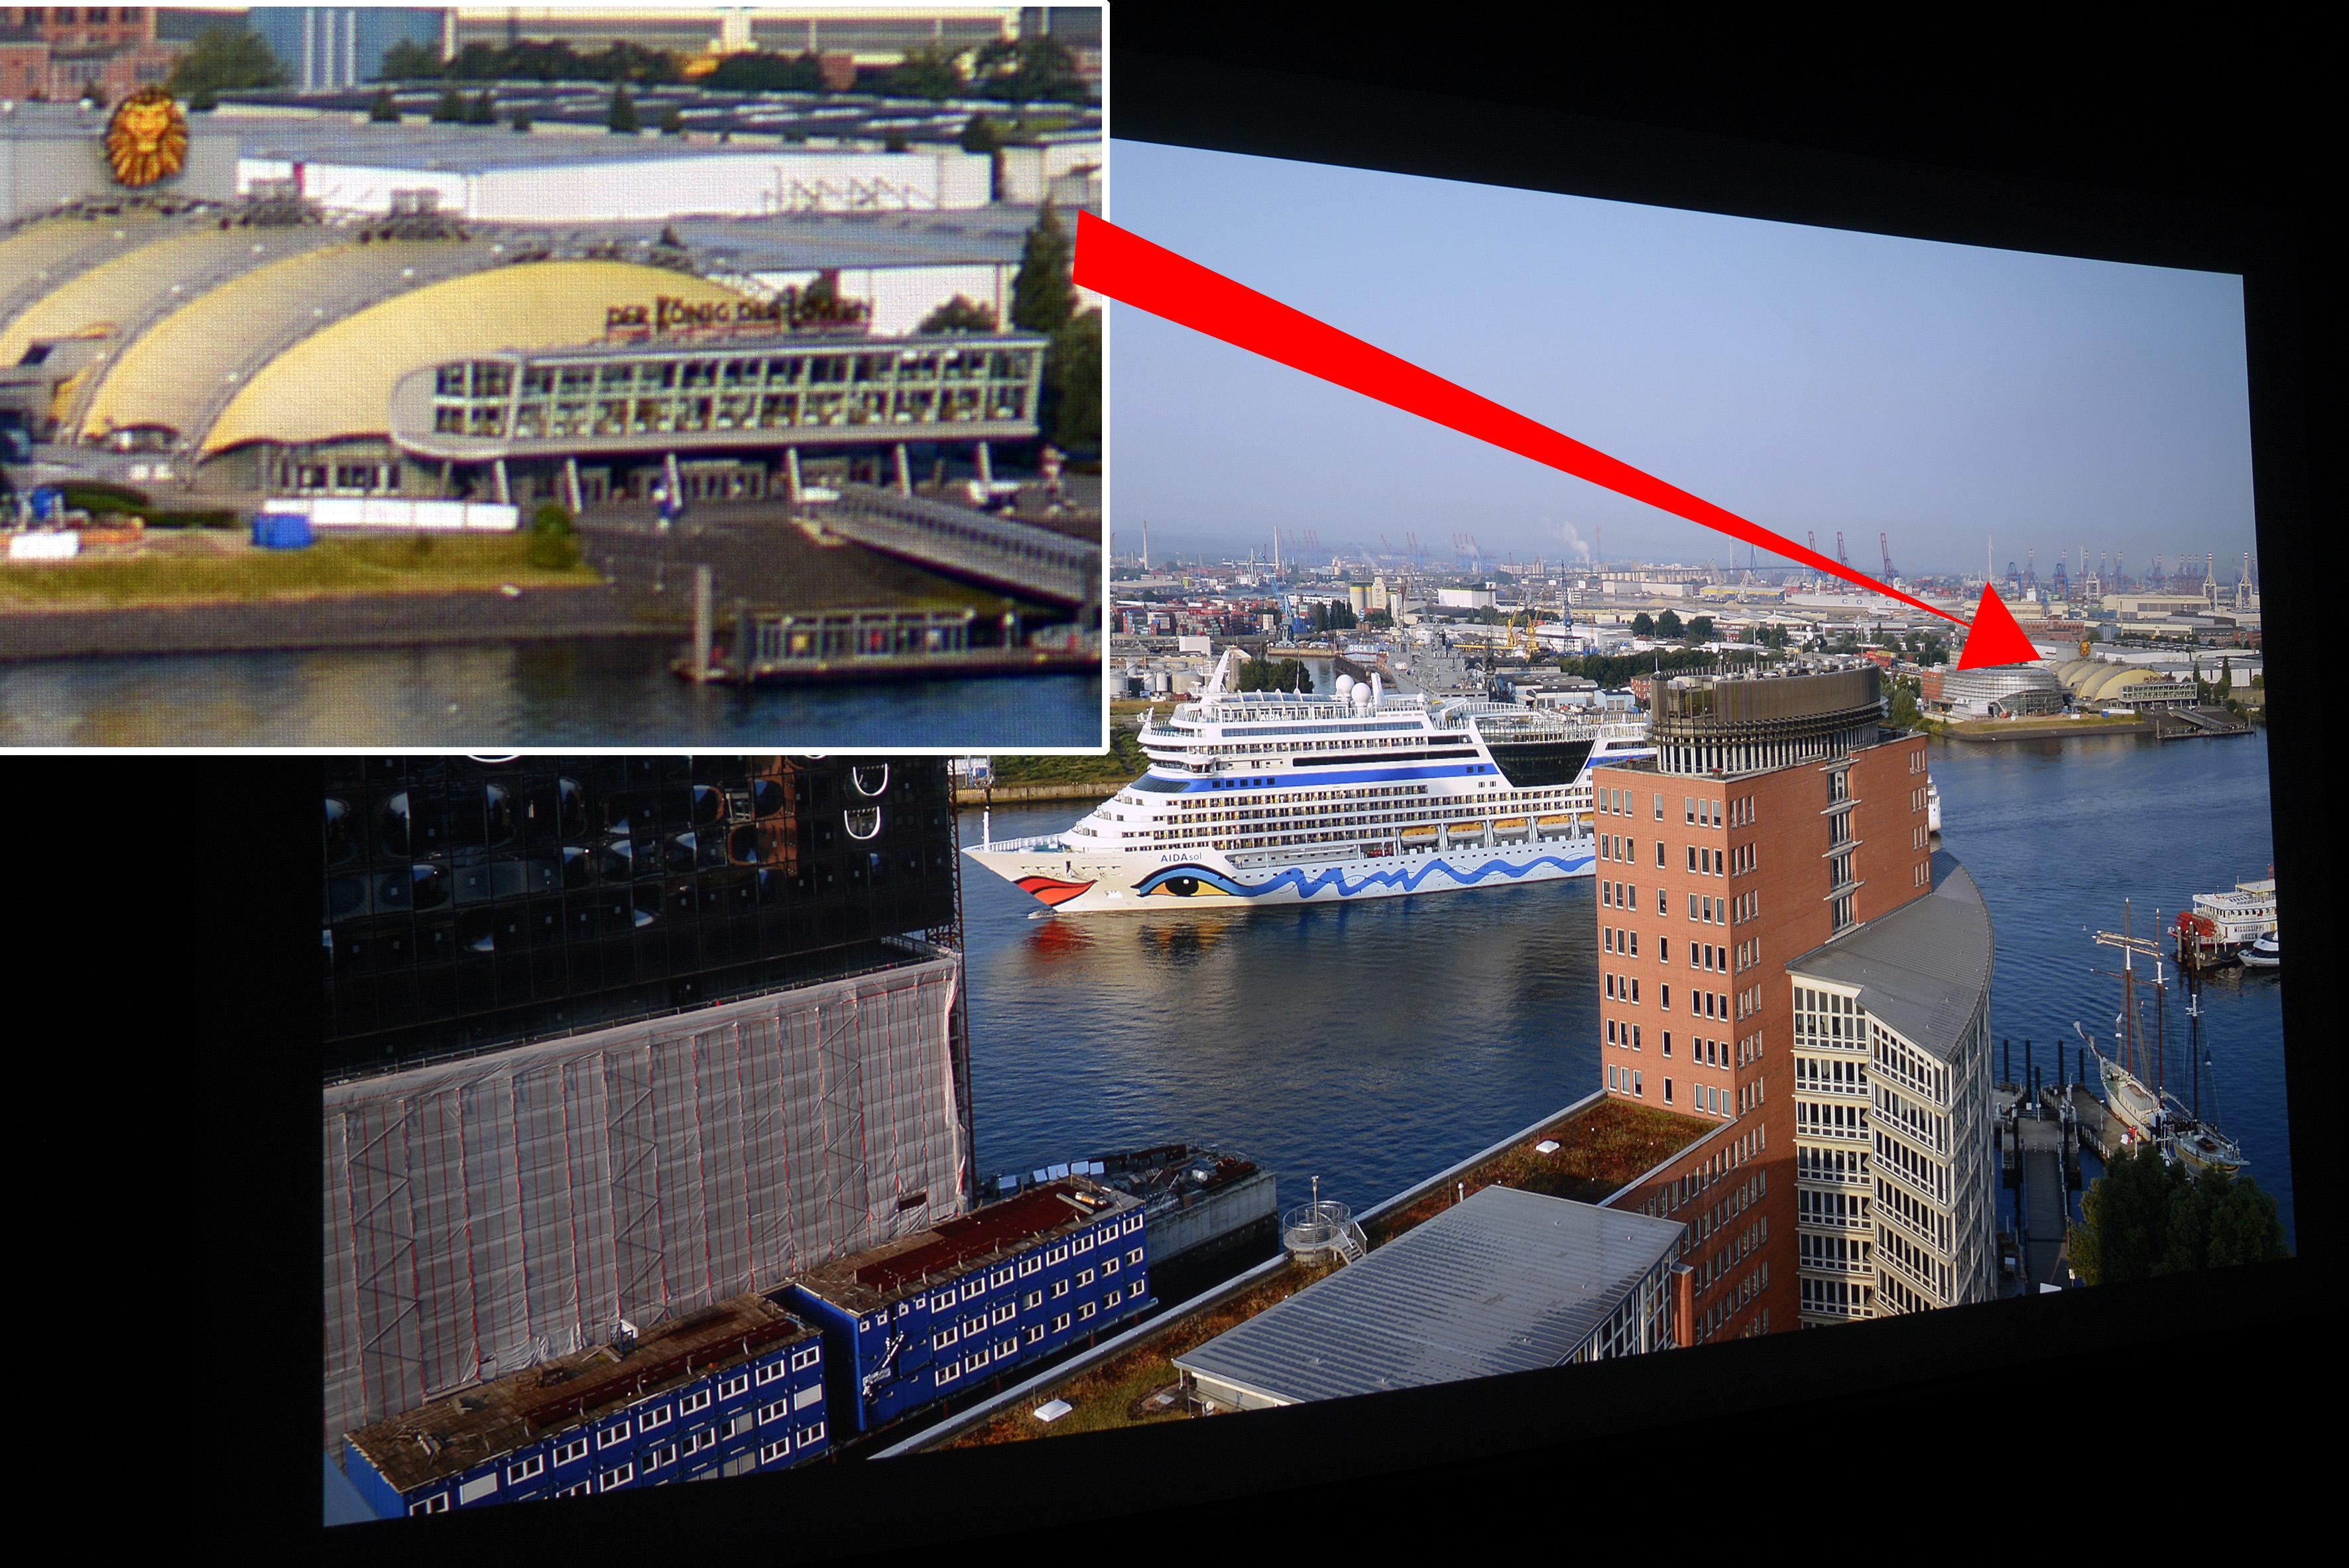 """Foto: Michael B. Rehders Meine 4K-Aufnahme vom Hamburger Hafen erstrahlt in originalgetreuen Farben. Der Schriftzug """"Der König der Löwen"""", der sich auf dem Theater an der Elbe befindet (siehe oben links), wird beinahe vollständig abgebildet. Auch der Löwenkopf im Hintergrund weist fast alle Strukturen auf, die in der Originalaufnahme vorhanden sind. Ein reiner Full-HD-Projektor bekommt diese Detaildarstellung nicht hin. Insofern macht sich die XPR-Technik durchaus positiv bemerkbar."""